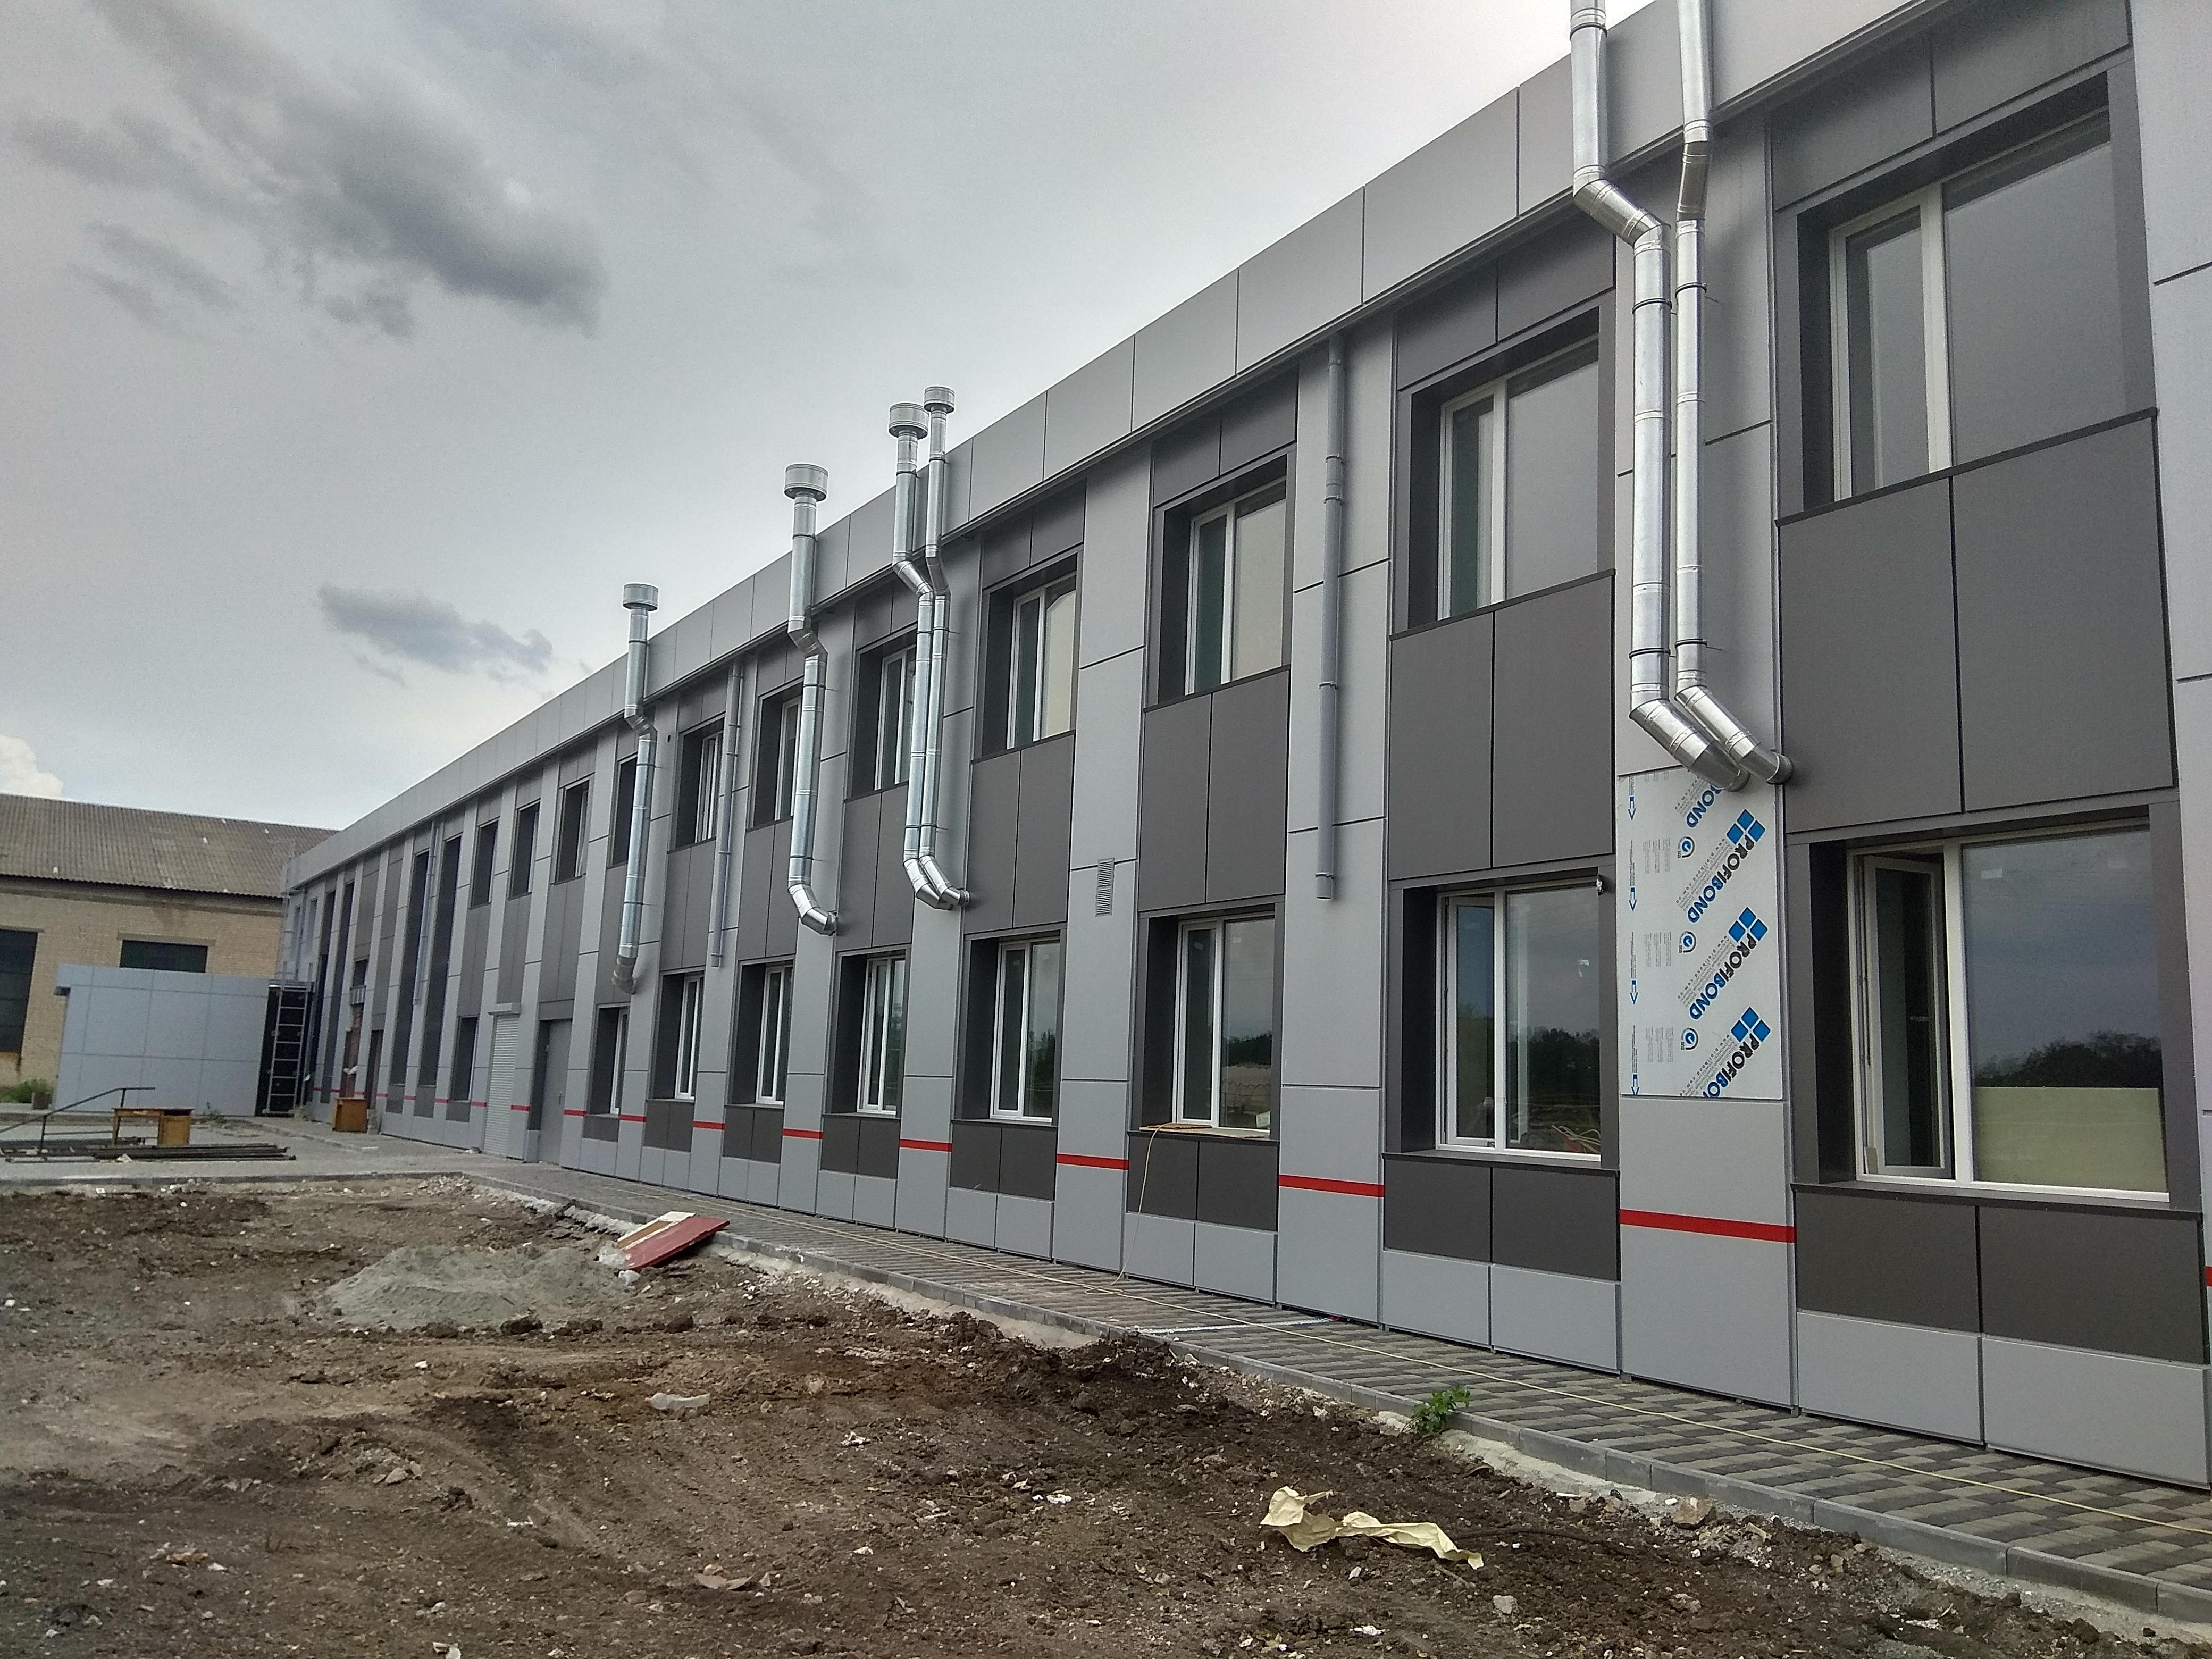 Фото Утепление минватой, и монтаж вентилируемого фасада здания из композитного материала.  ~4месяца